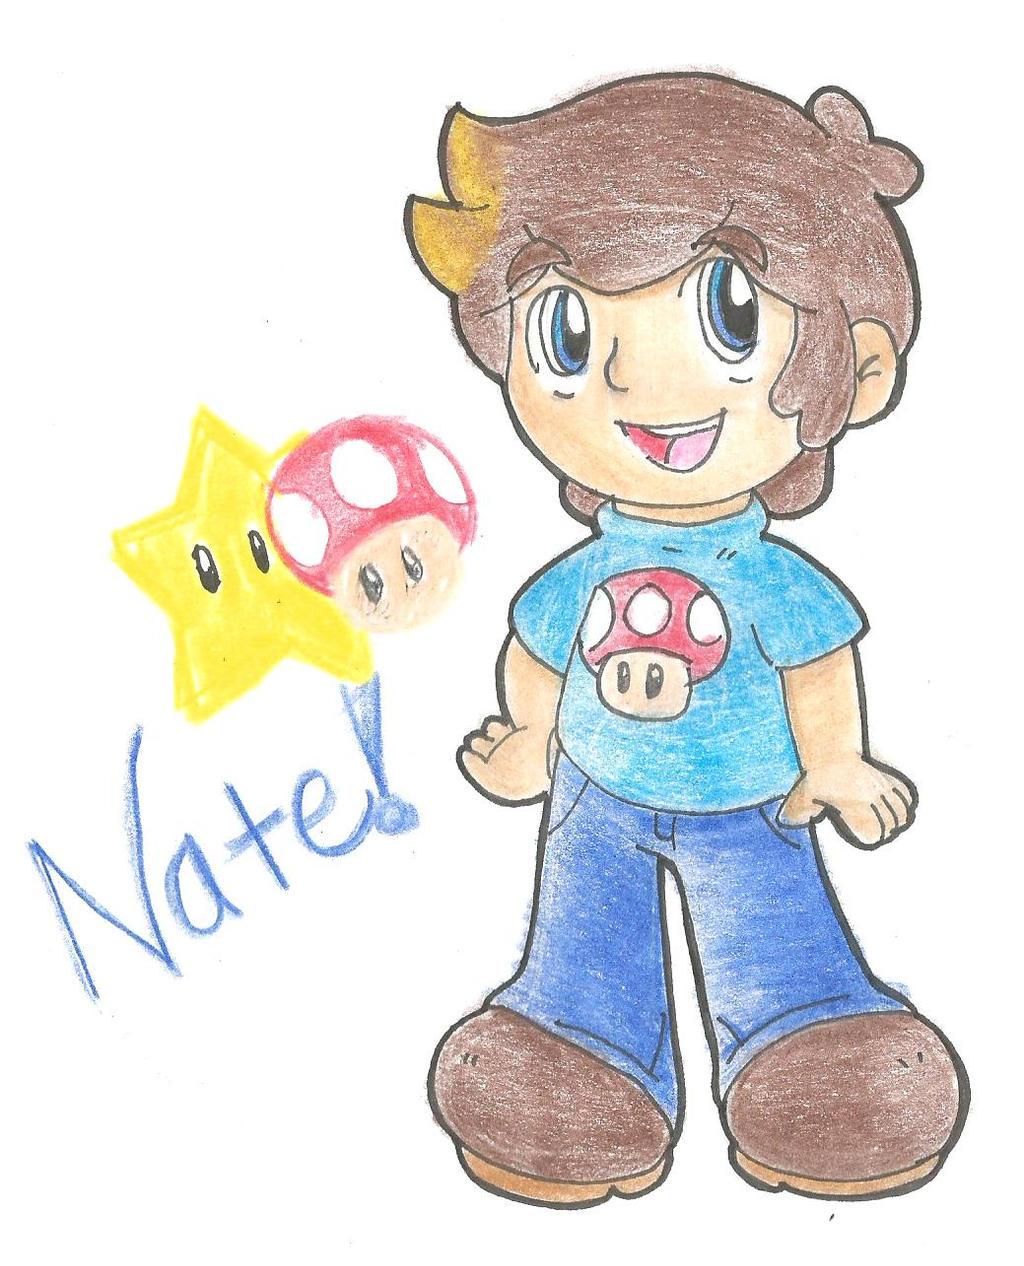 New OC: Nate by goldenwinterdaisies